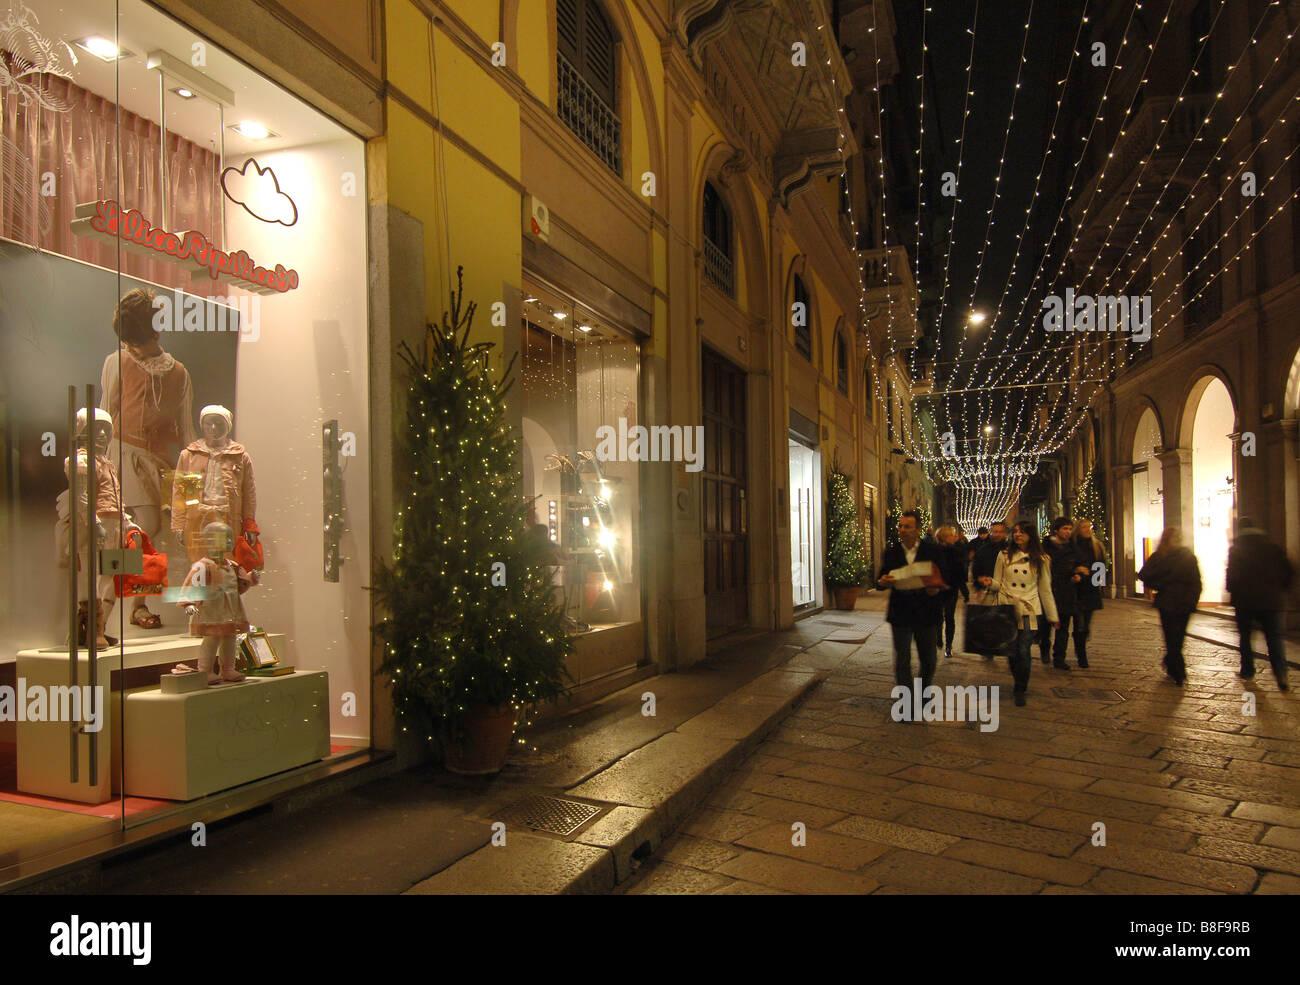 Via monte napoleone via della spiga Luxury fashion - Stock Image